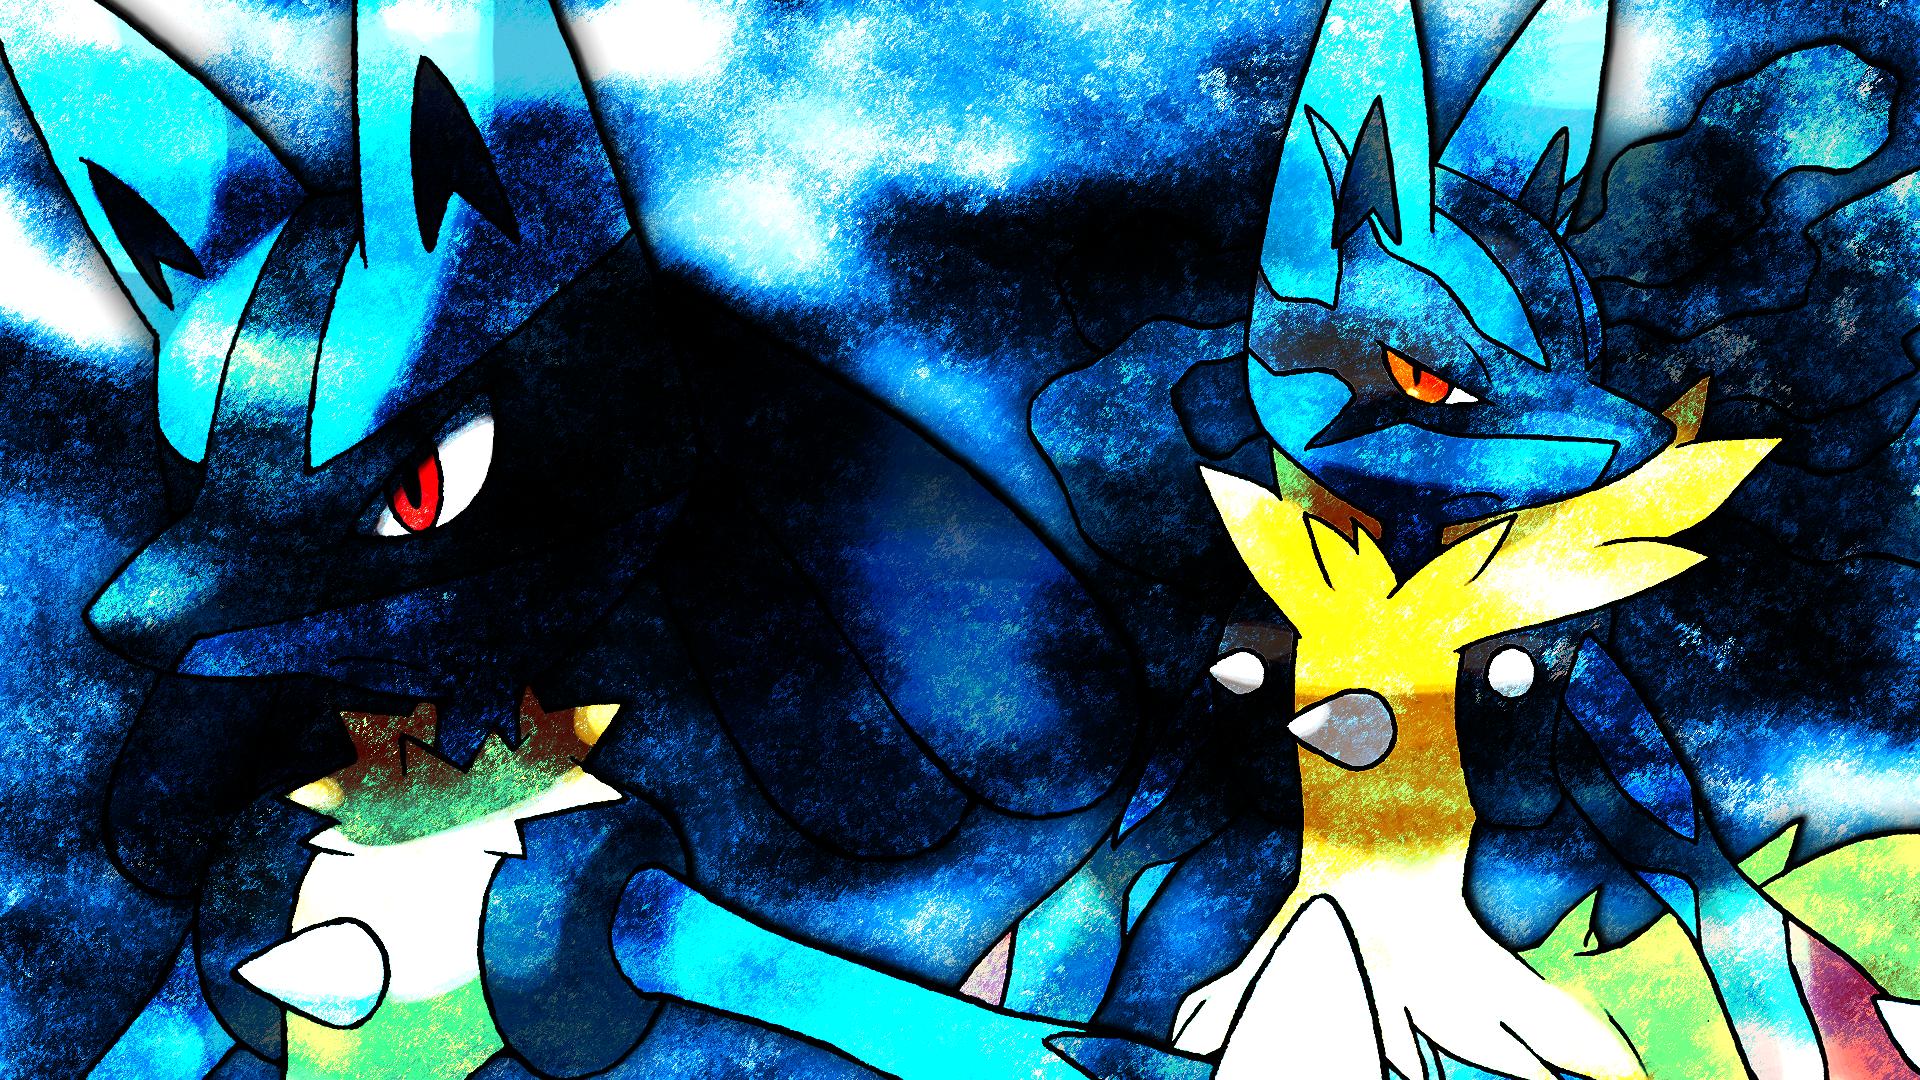 Photo Collection Pokemon Lucario Wallpaper Hd